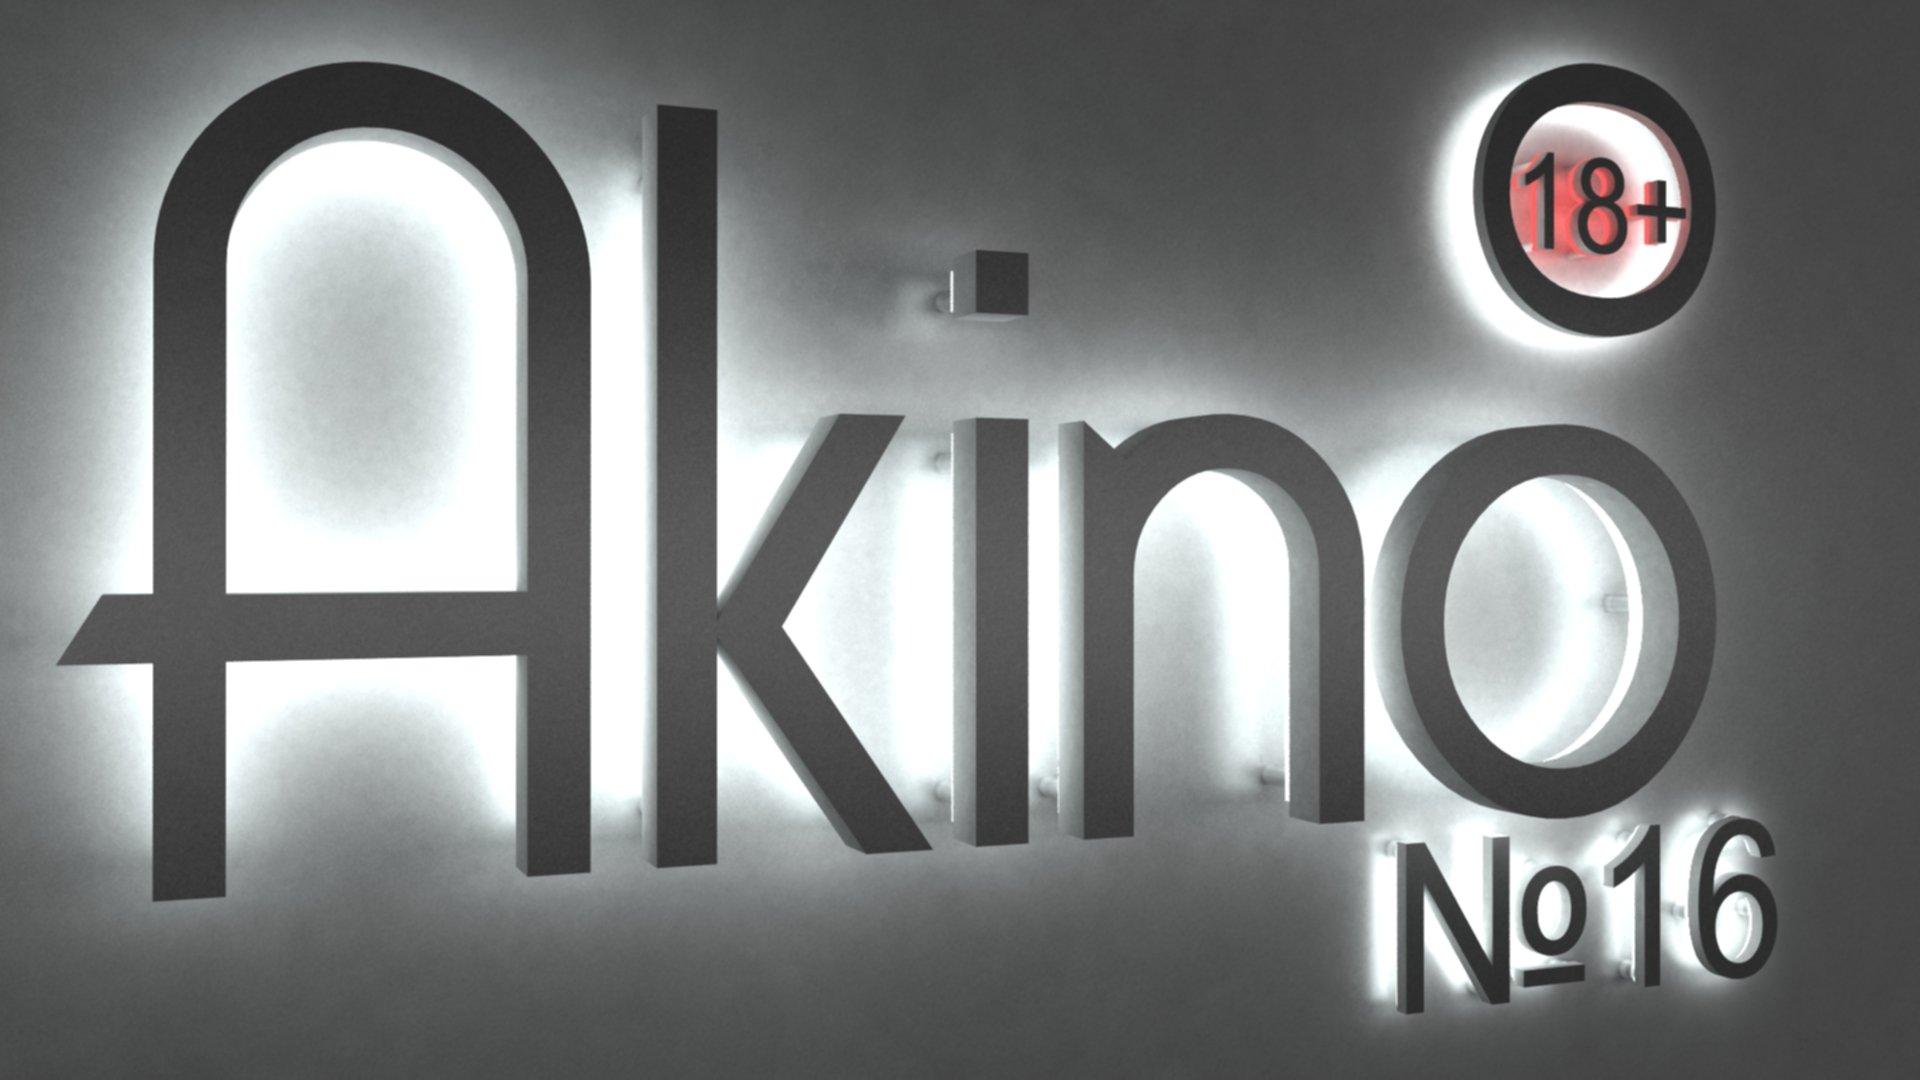 Подкаст AkiNO Выпуск № 16 (18+) - Изображение 1